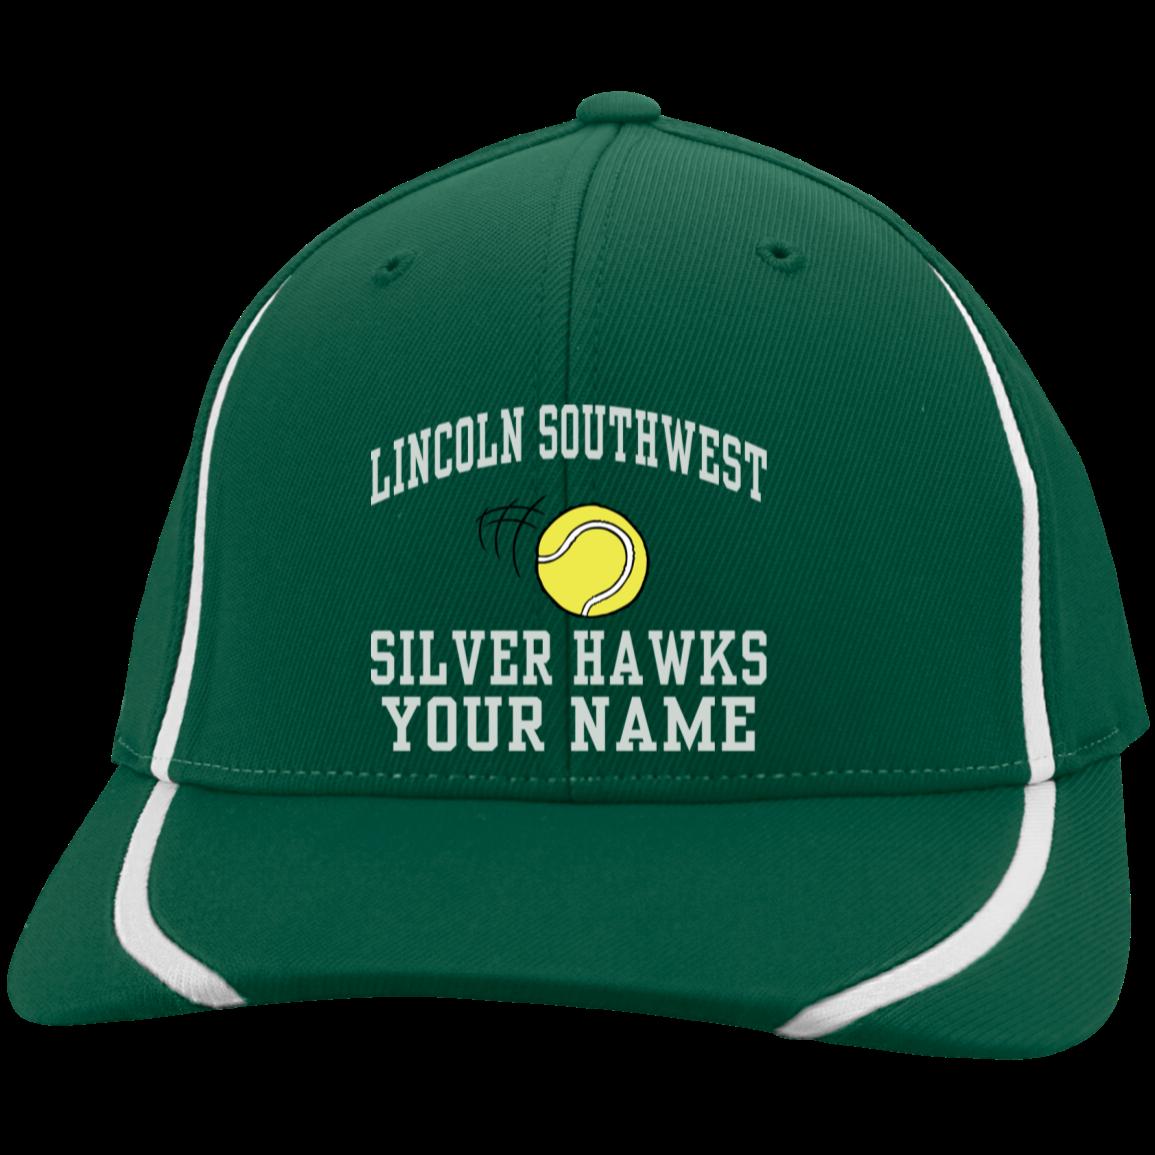 ff2f1bc1bcc Lincoln Southwest High School Flexfit Colorblock Cap - Jostens ...